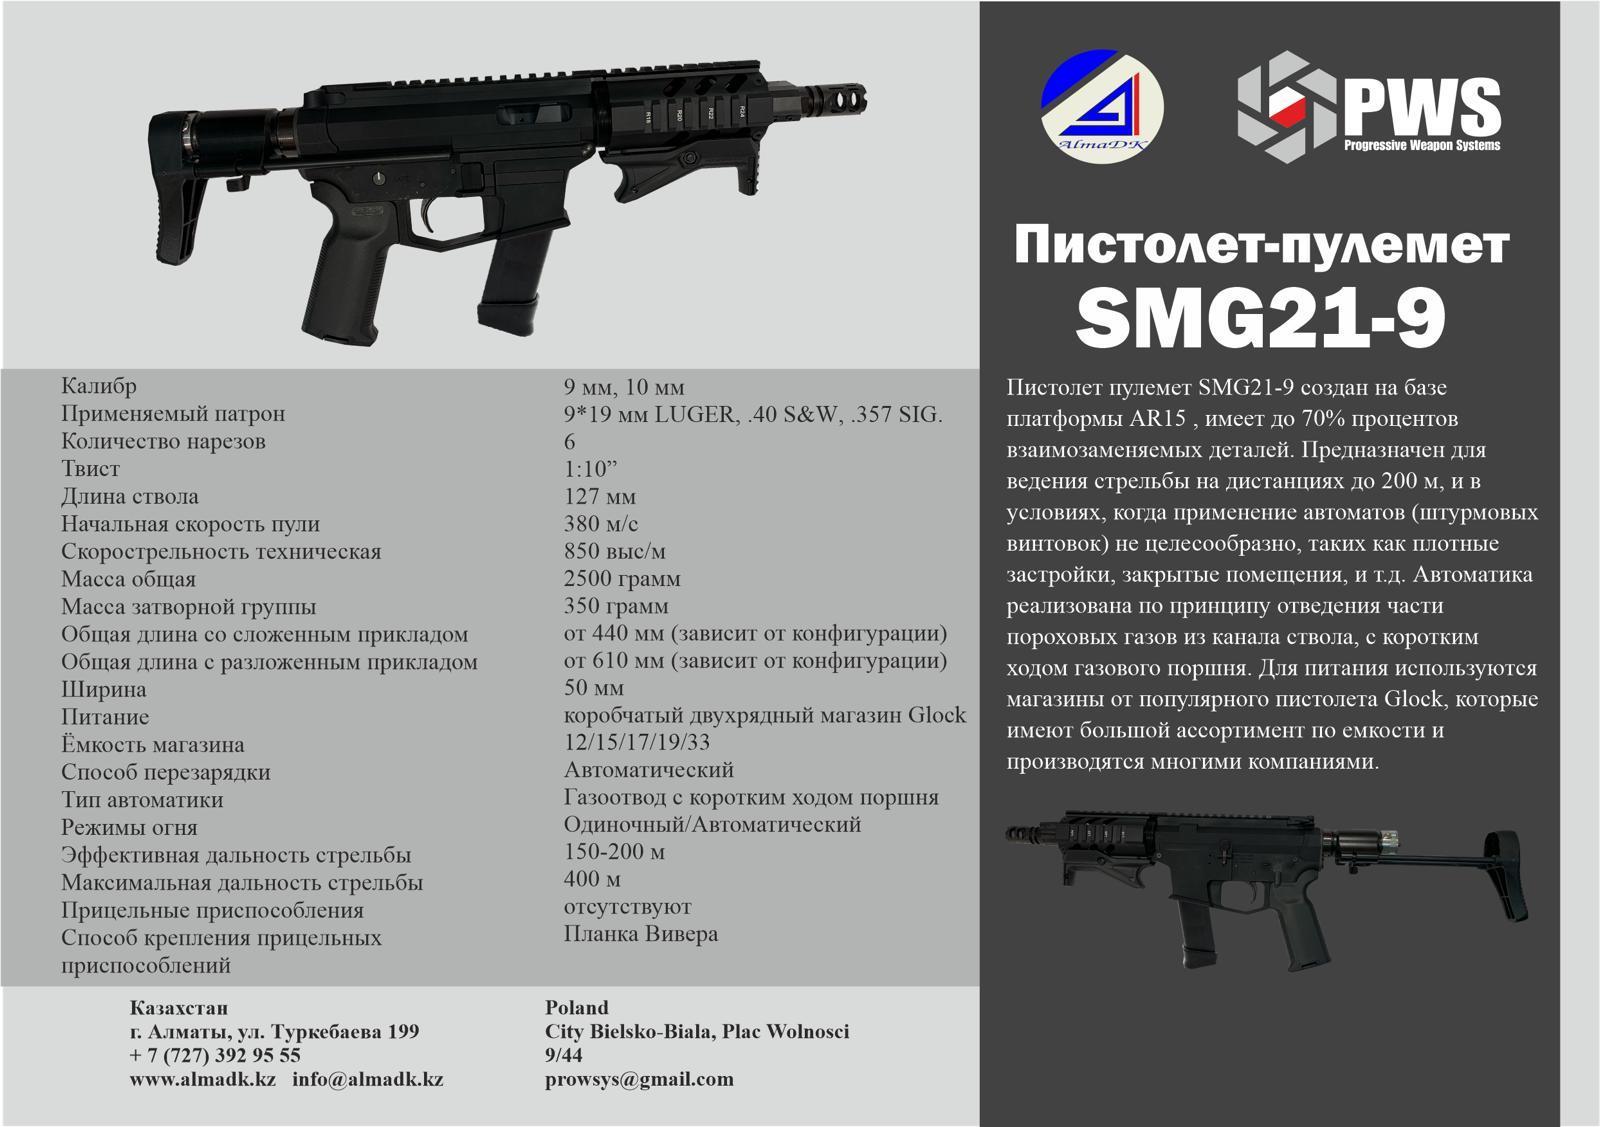 Пистолет-пулемет SMG21-9